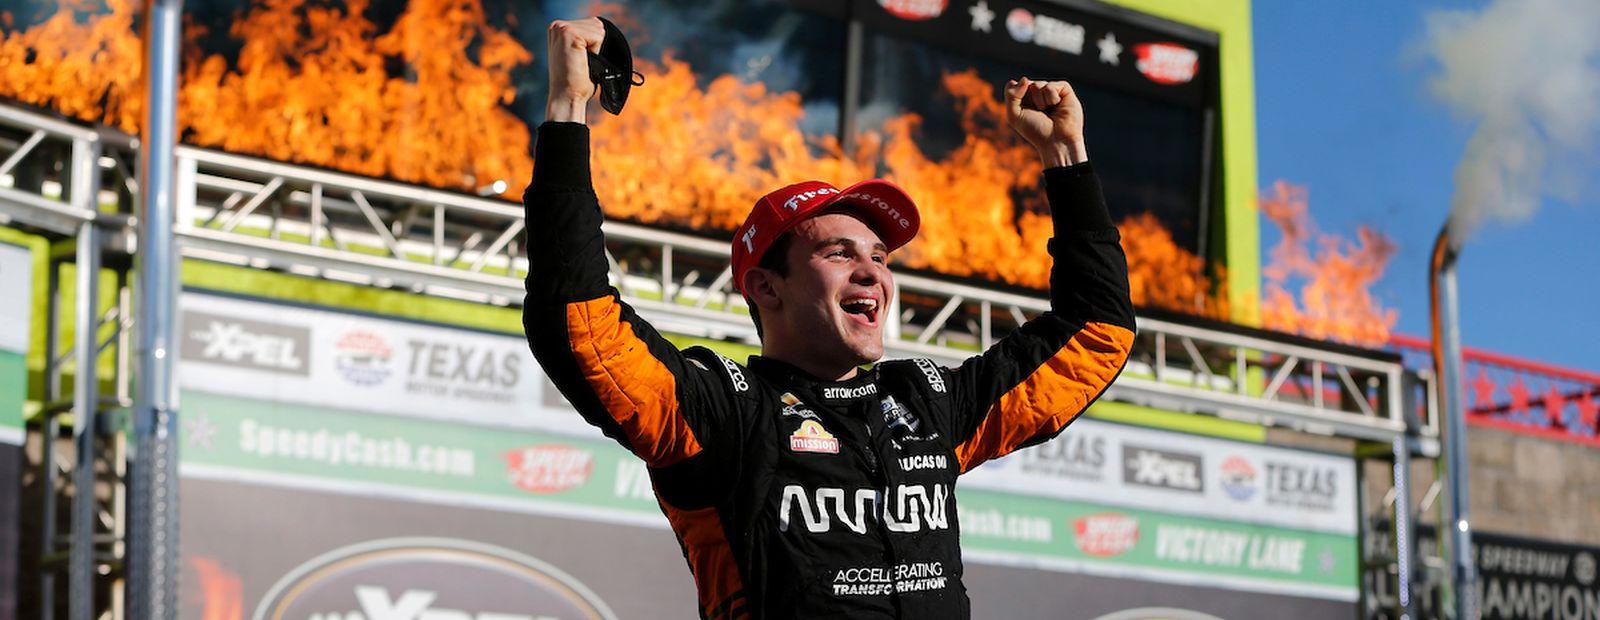 McLaren returns to victory lane